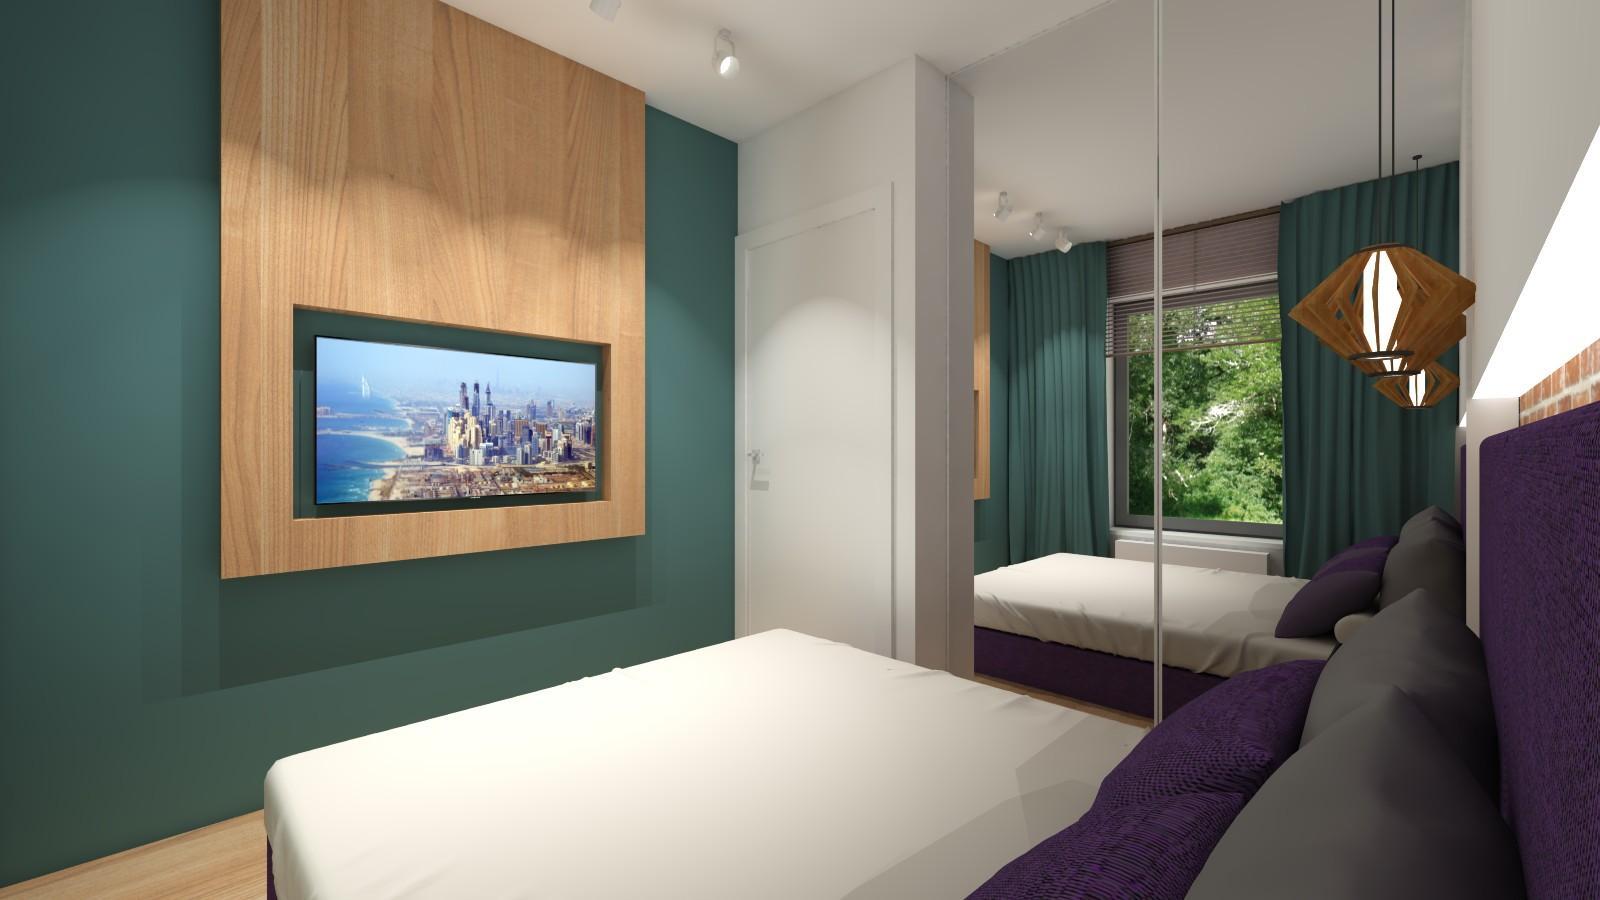 malutka-sypialnia-z-chlodnym-odcieniem-zieleni-na-scianie.jpg